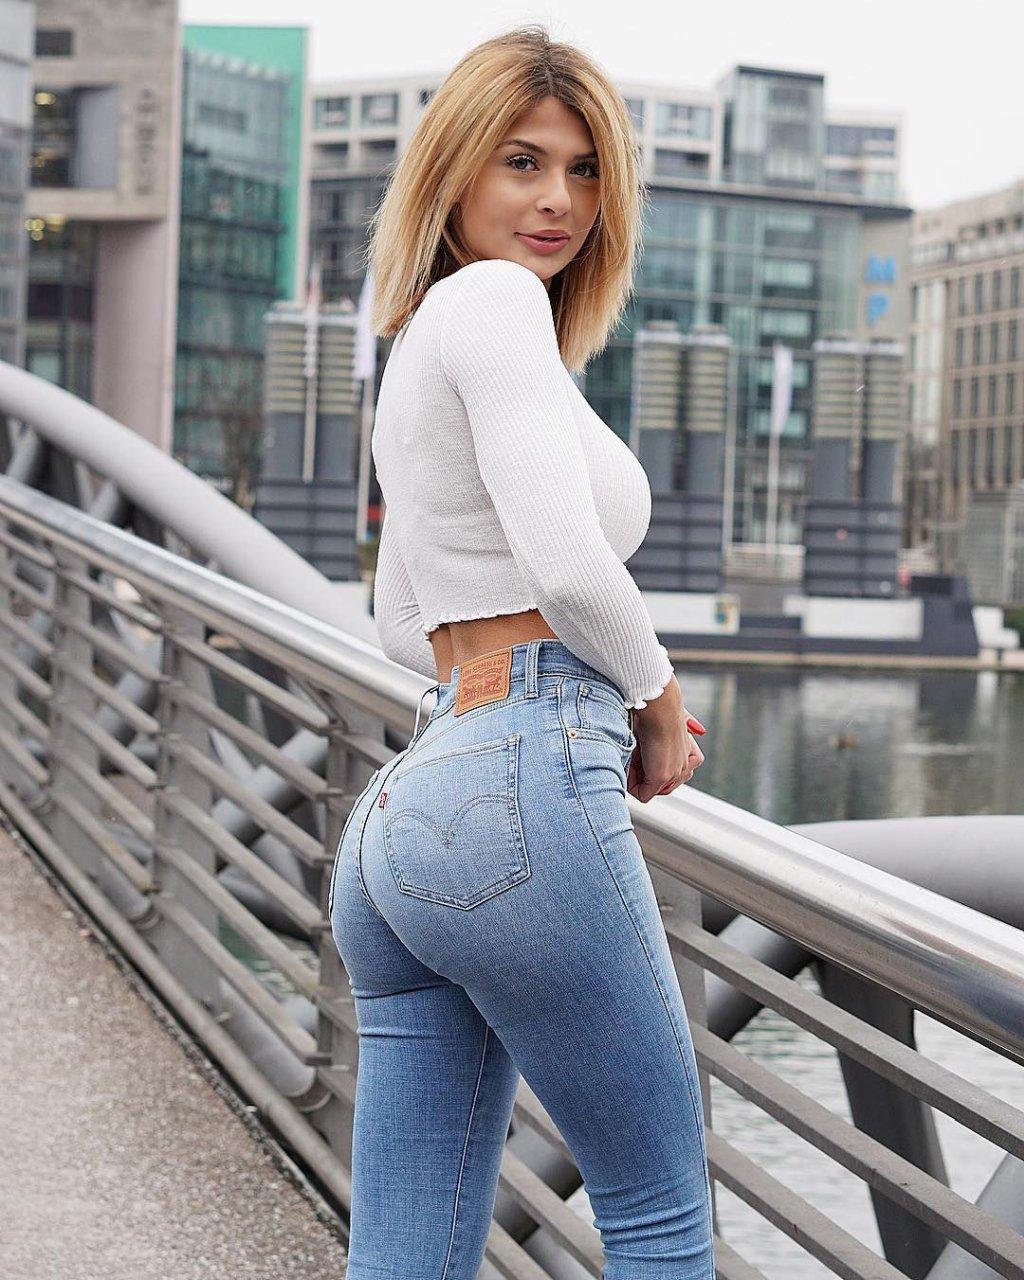 Lisa Del Piero Nude Photos 2